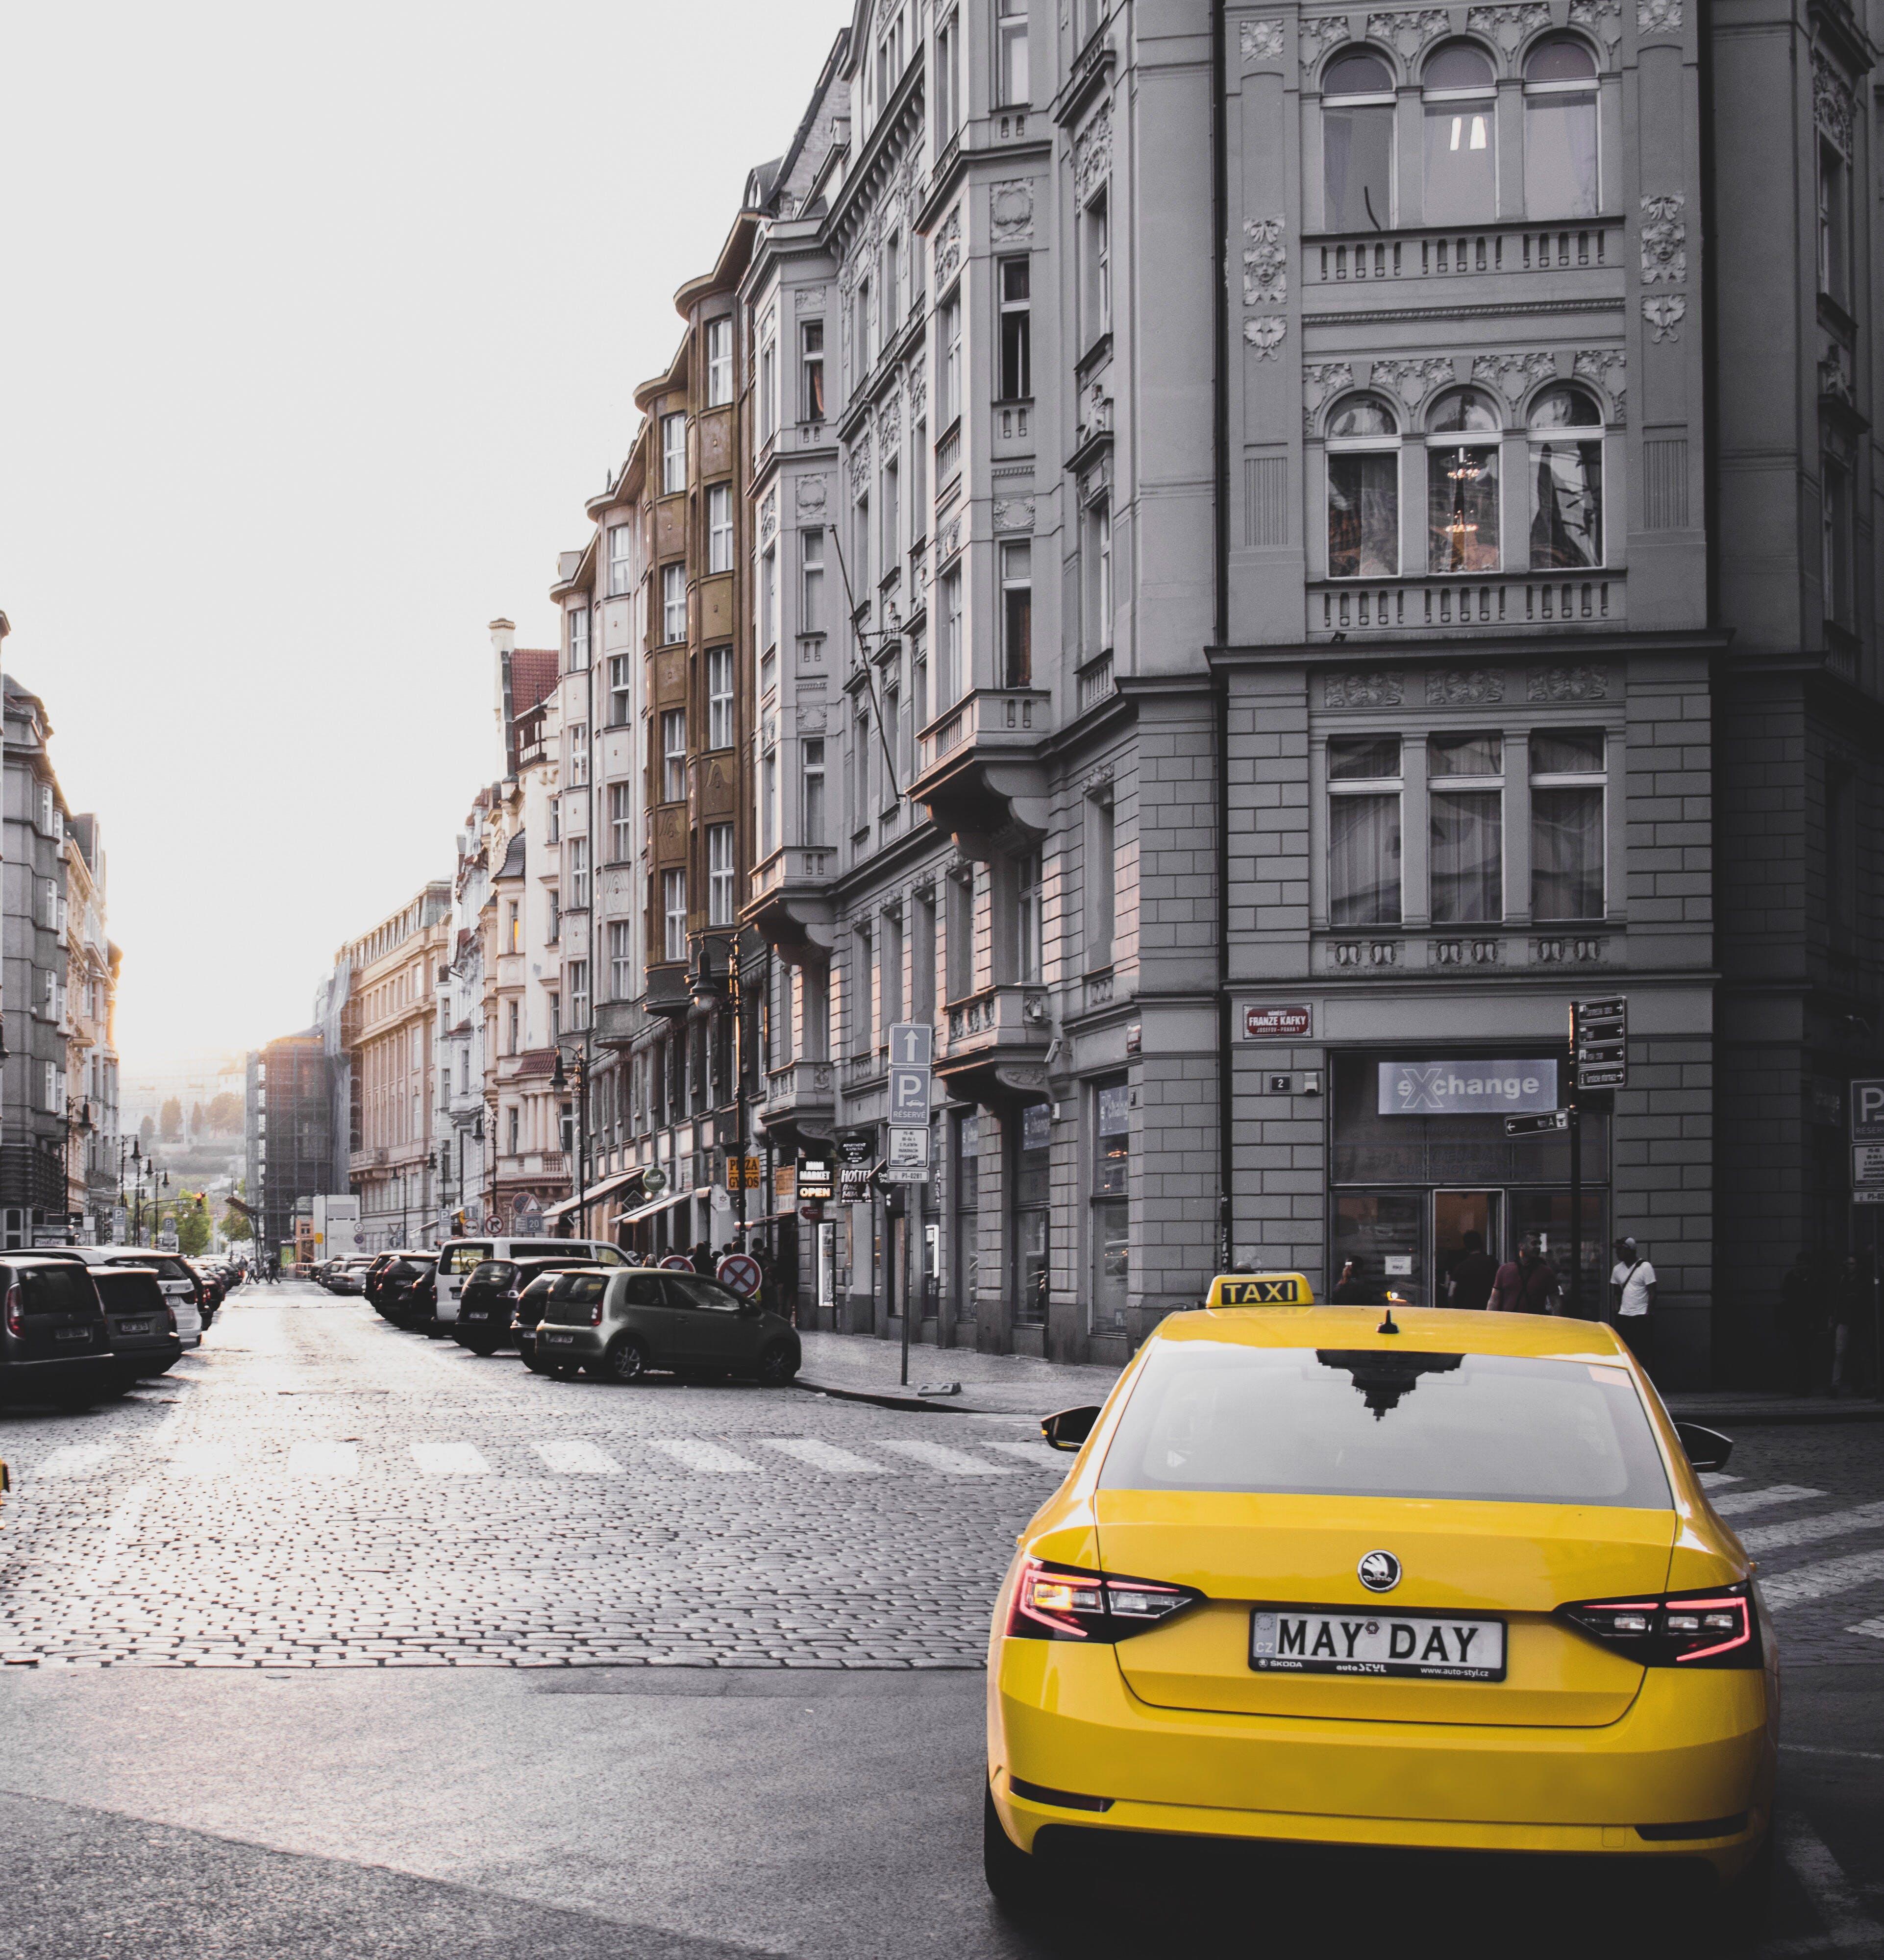 交通系統, 城市, 城鎮, 市中心 的 免費圖庫相片